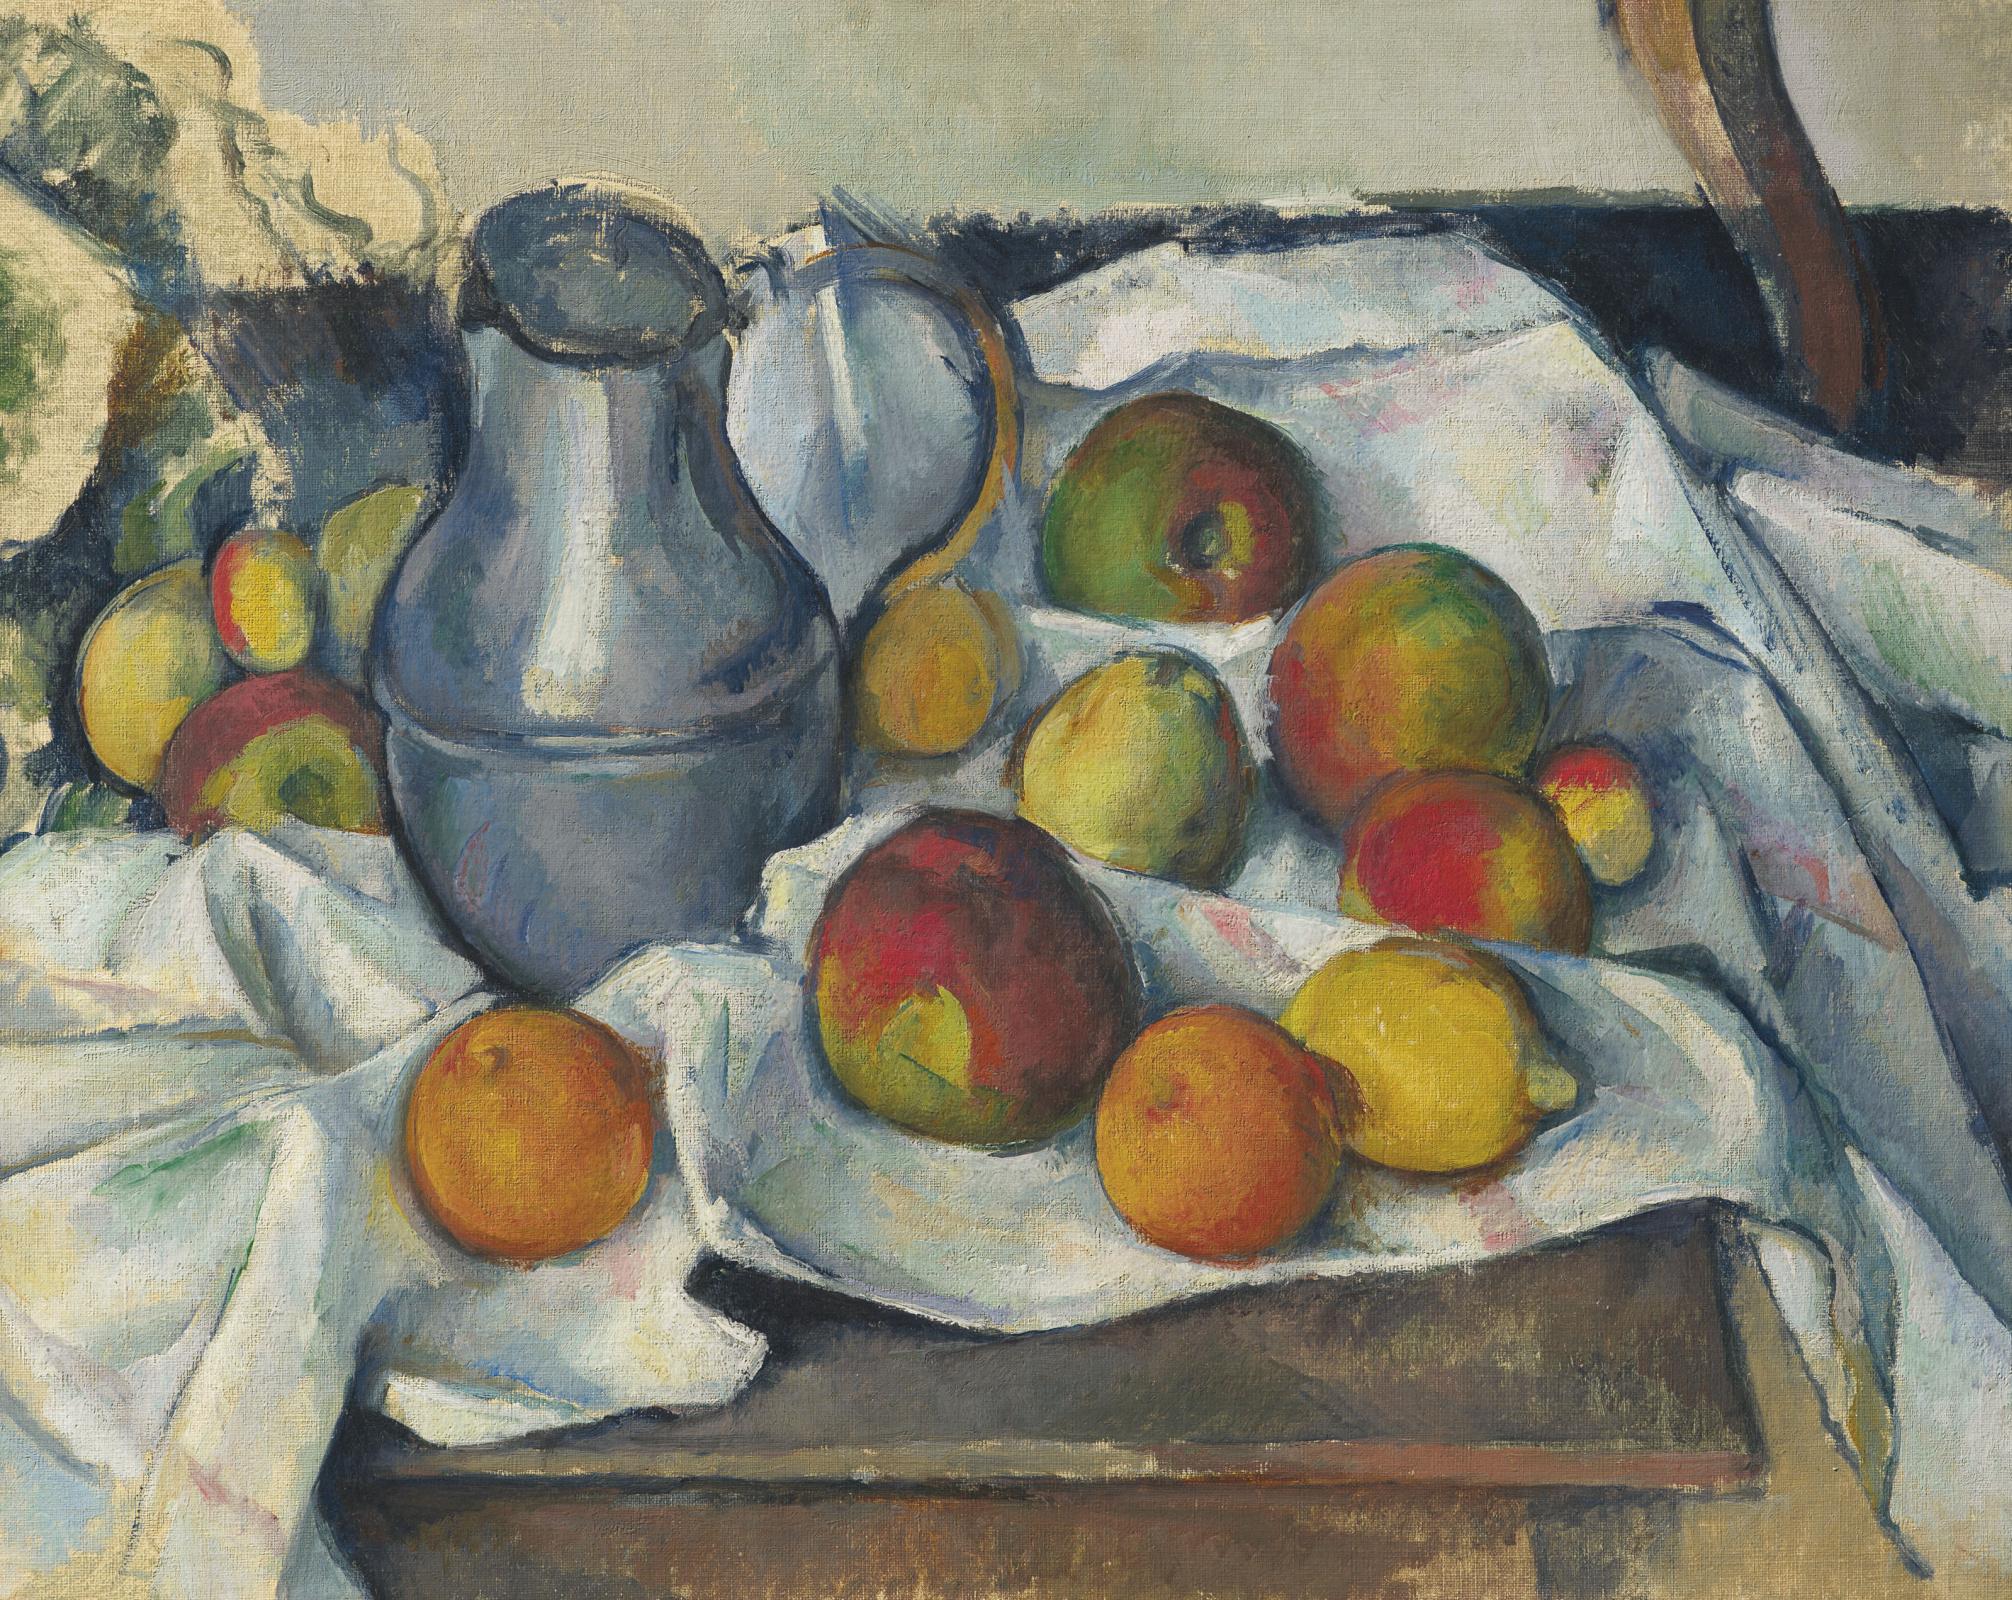 Поль Сезанн. Кувшин и фрукты